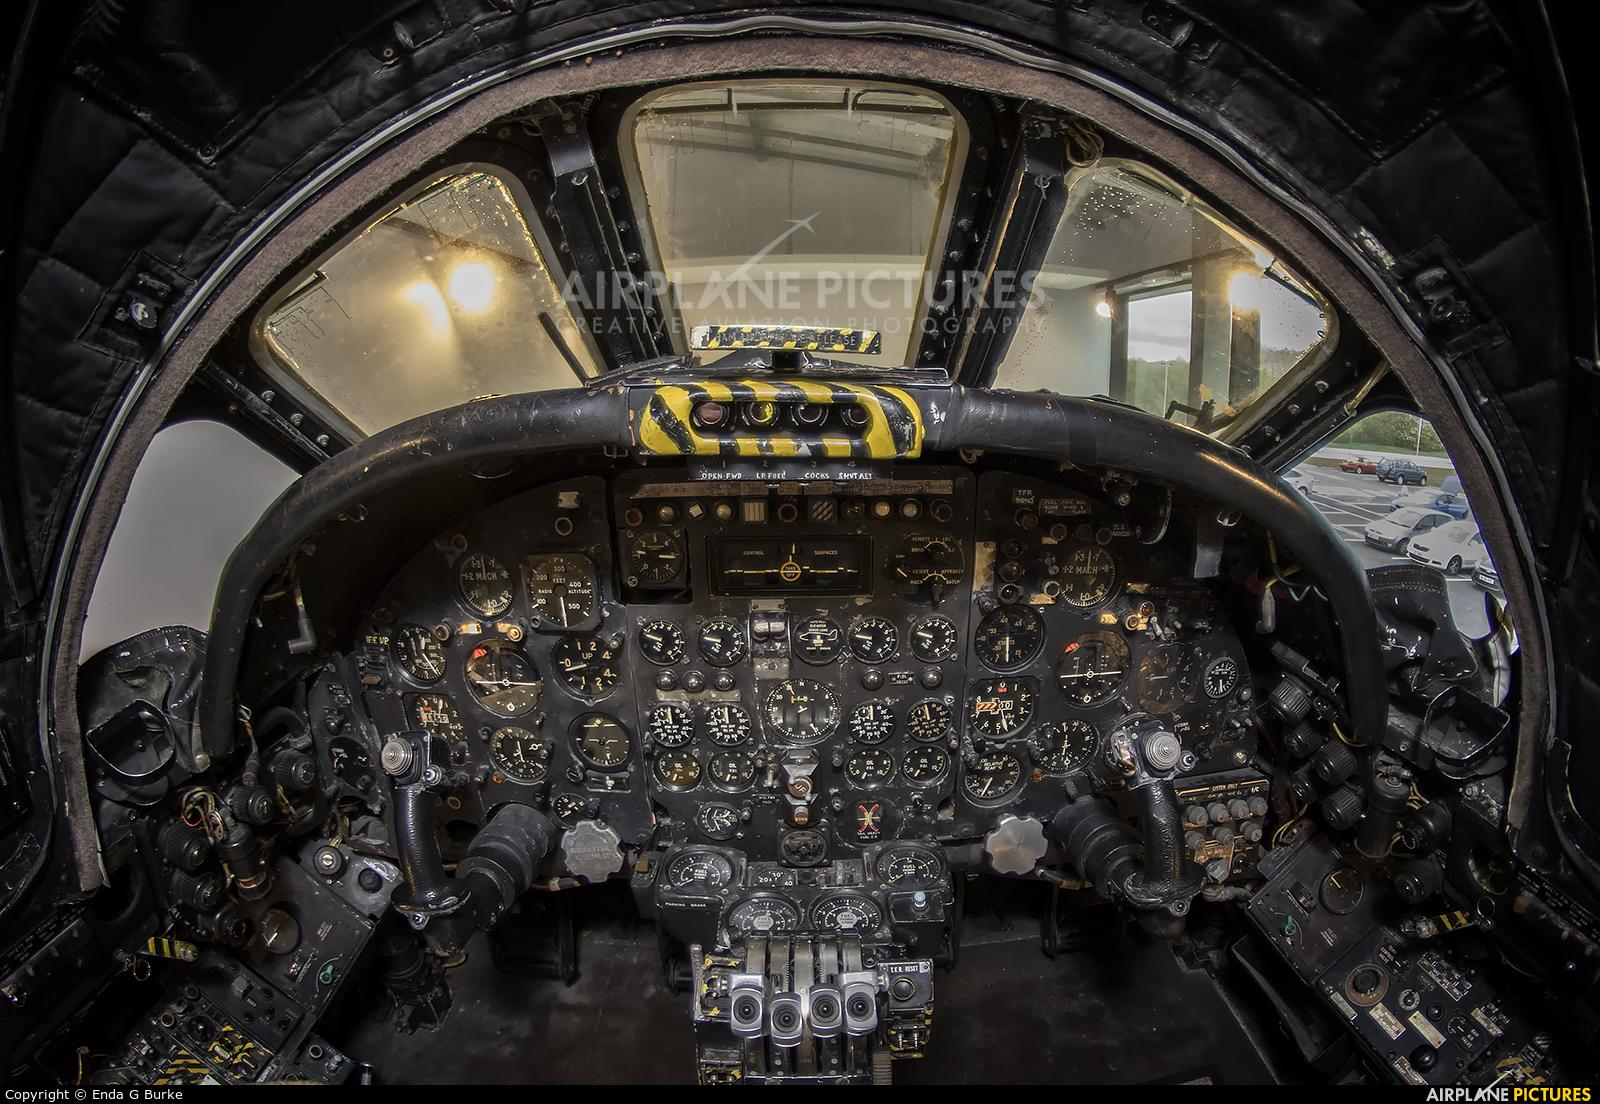 Royal Air Force XM602 aircraft at Woodford